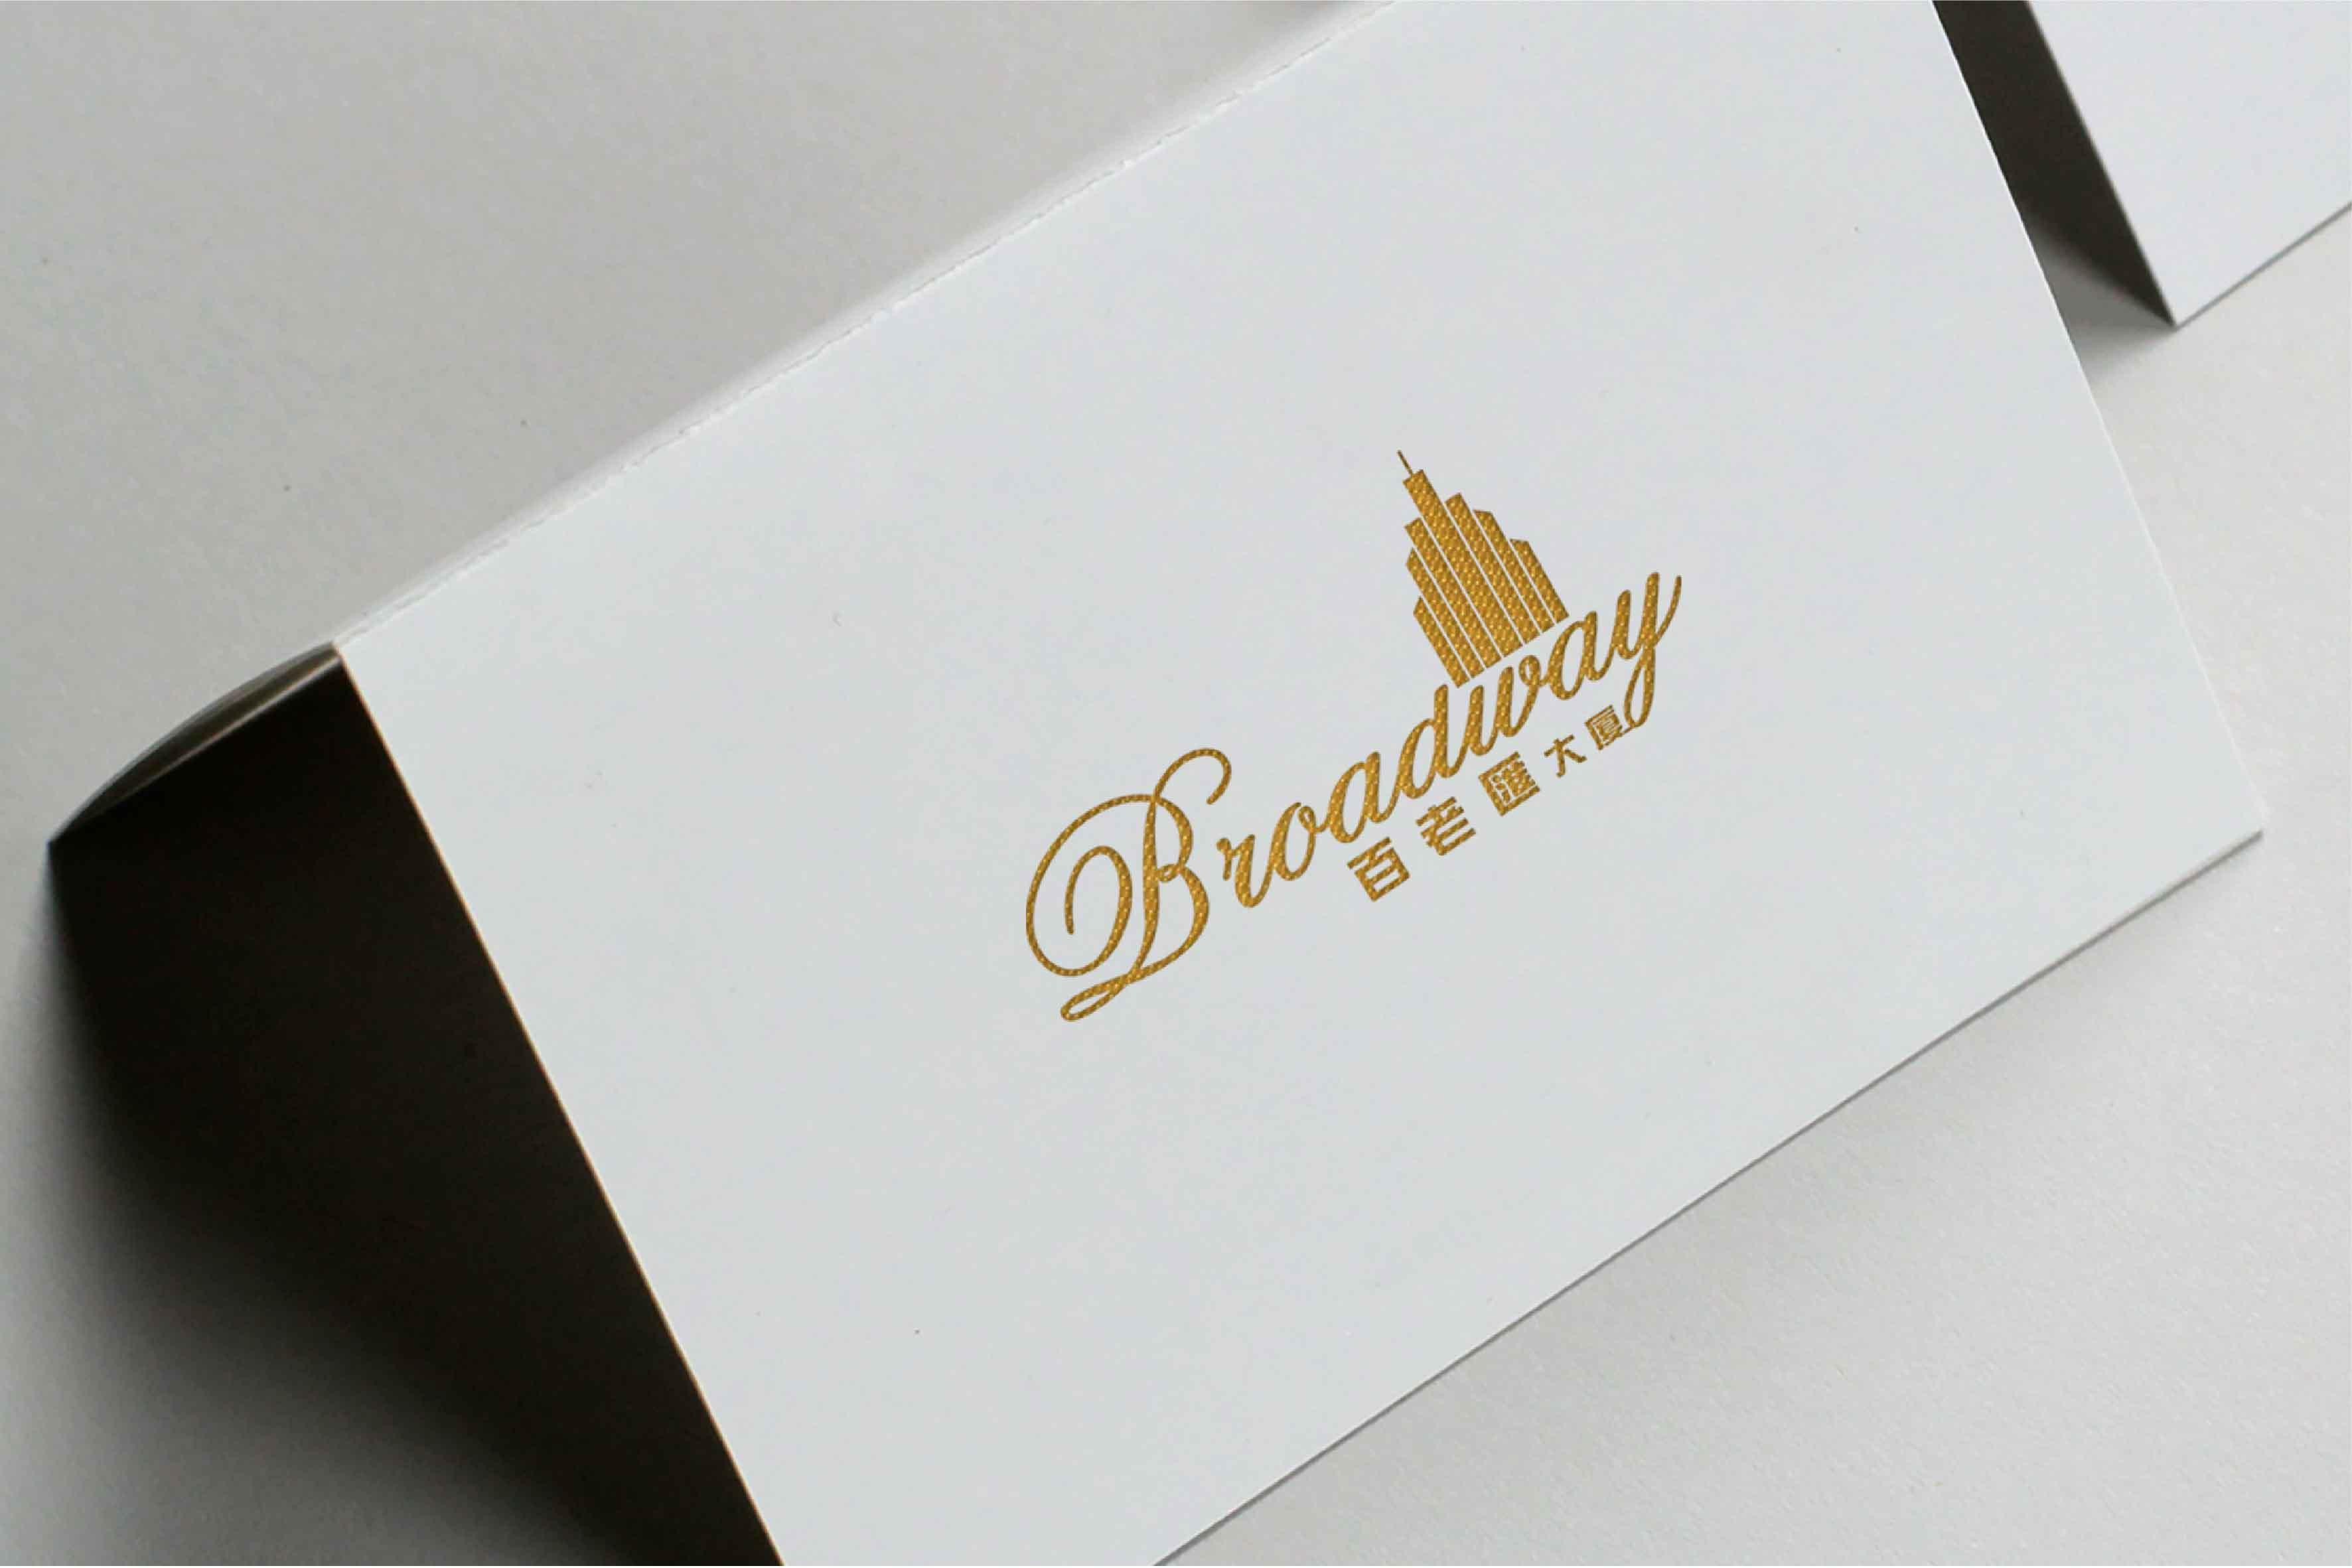 文旅品牌设计,百老汇品牌设计,文旅VI形象,文旅视觉设计,文旅设计公司